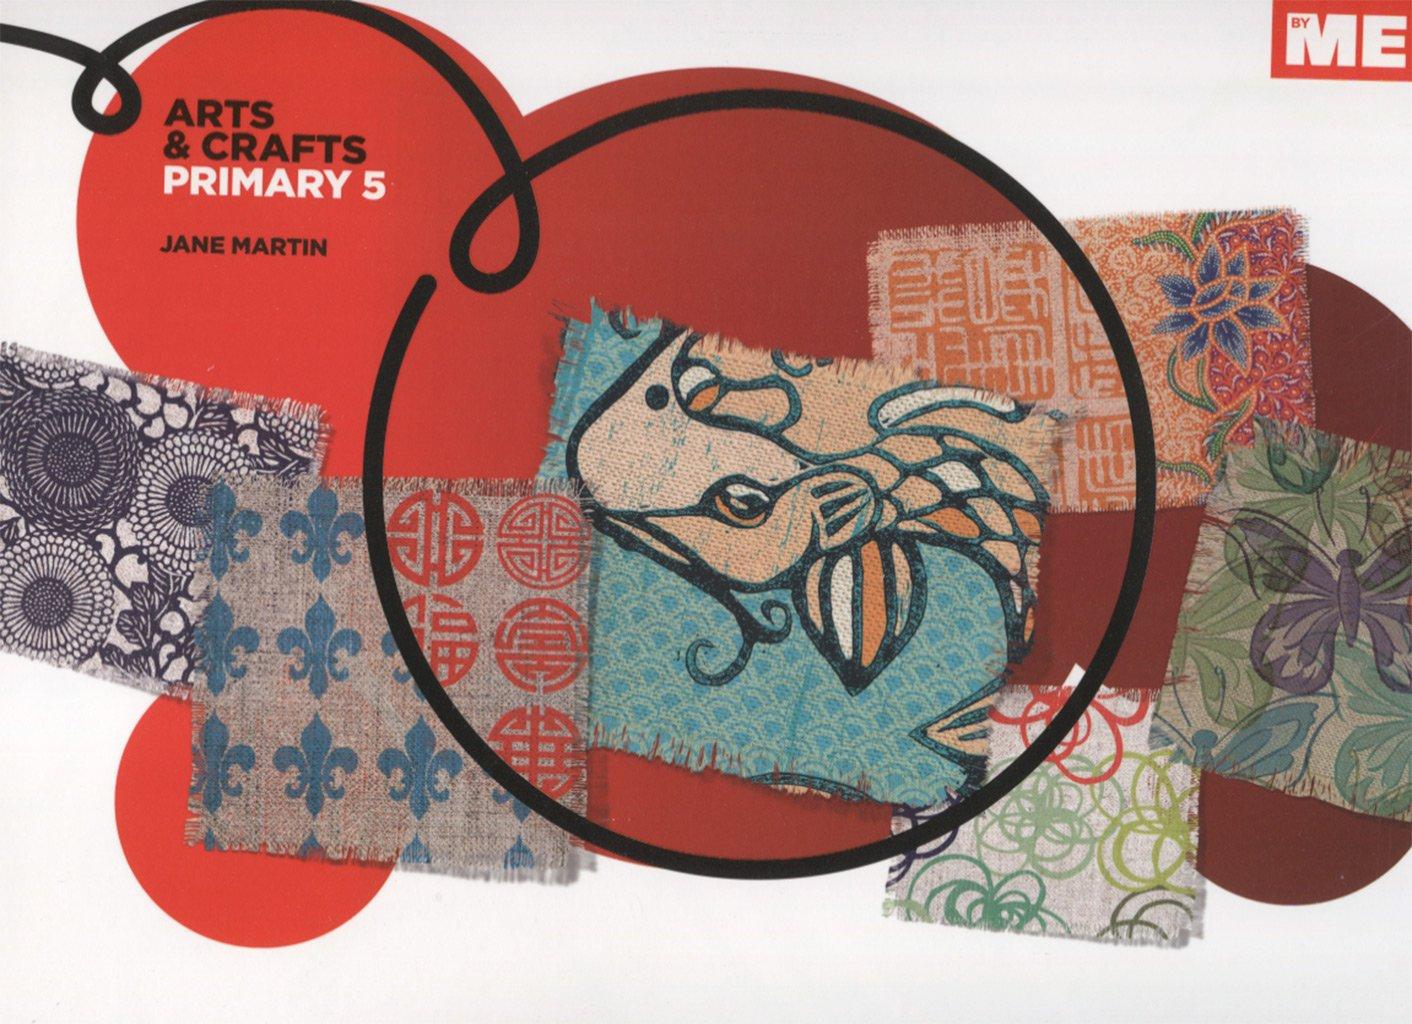 Arts & Crafts Primary 5 (ByME) - 9788415867043: Amazon.es: Martin, Jane: Libros en idiomas extranjeros